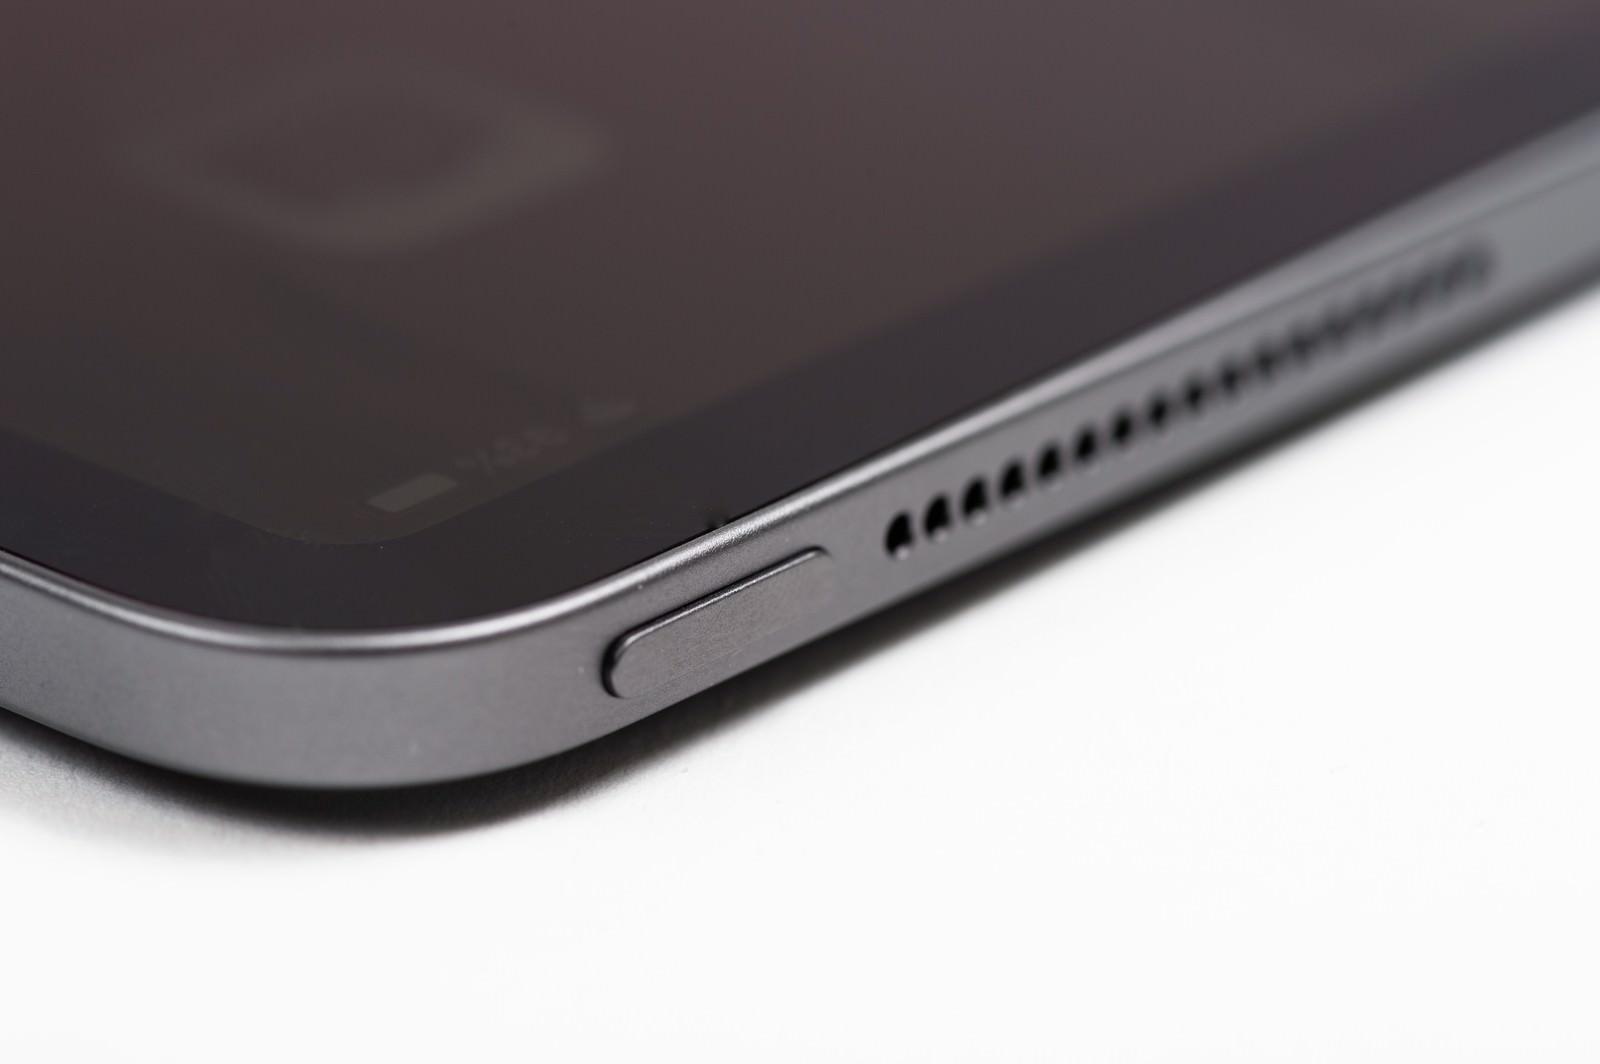 「iPad Pro 上部ボタン」の写真